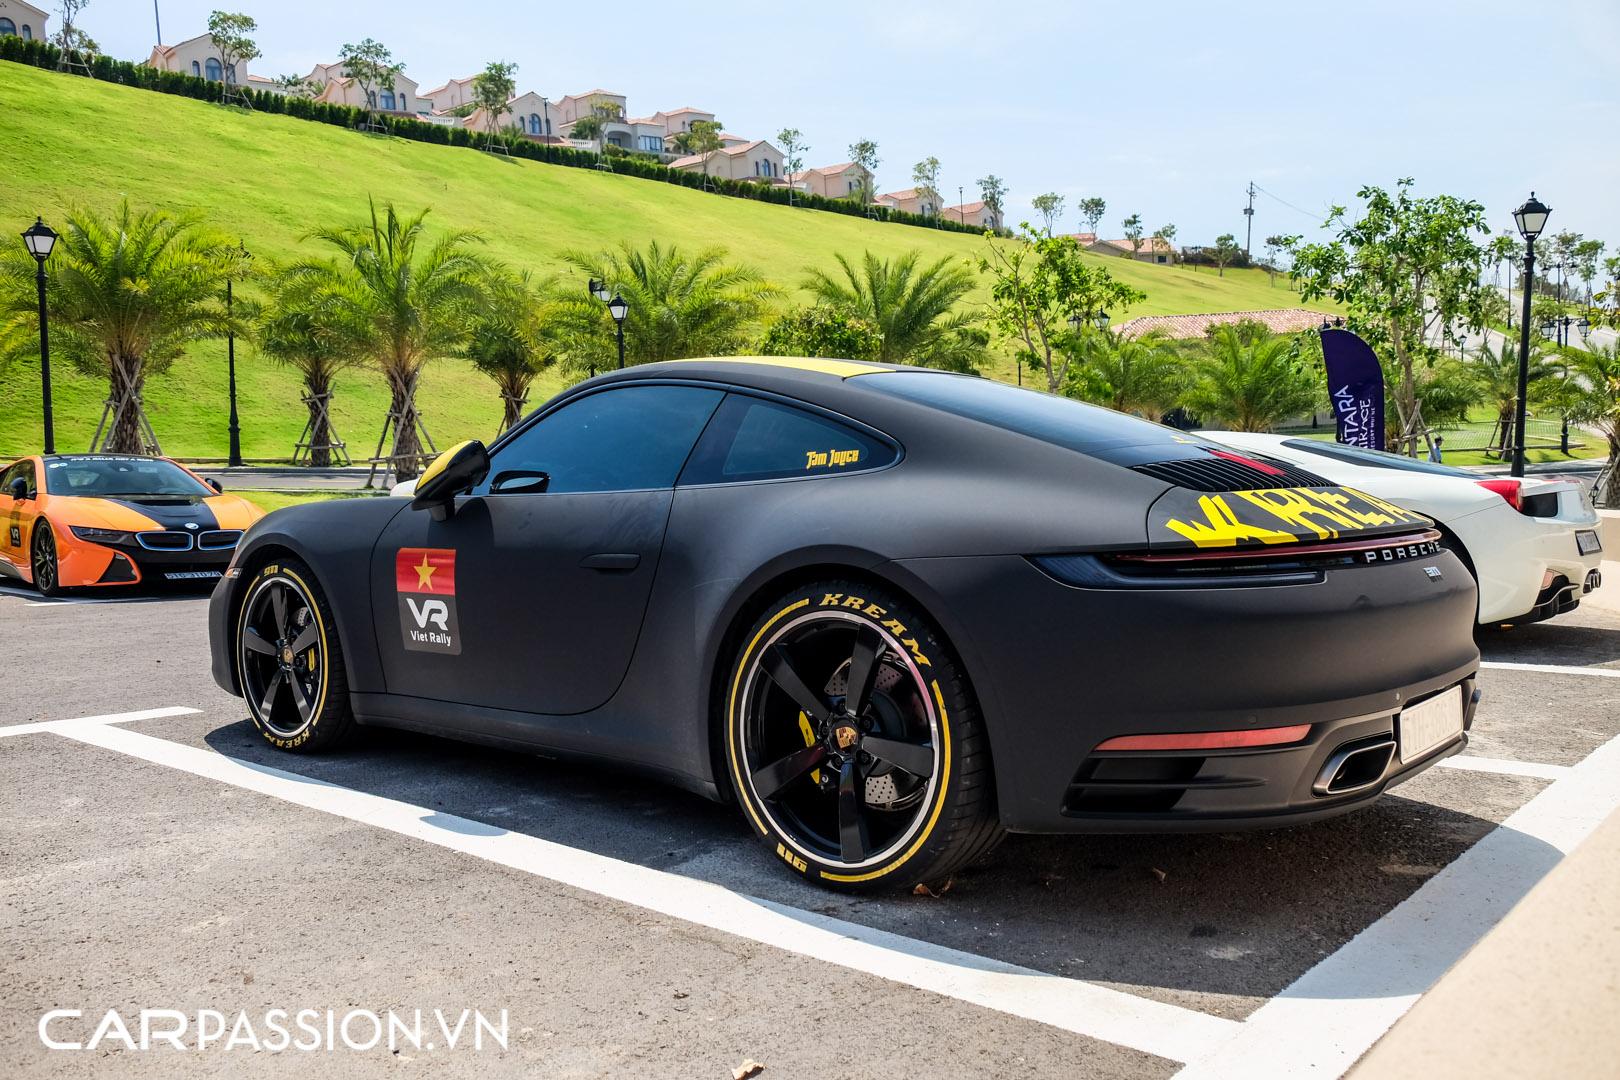 Porsche 911 của vợ chồng YouTuber (15).JPG